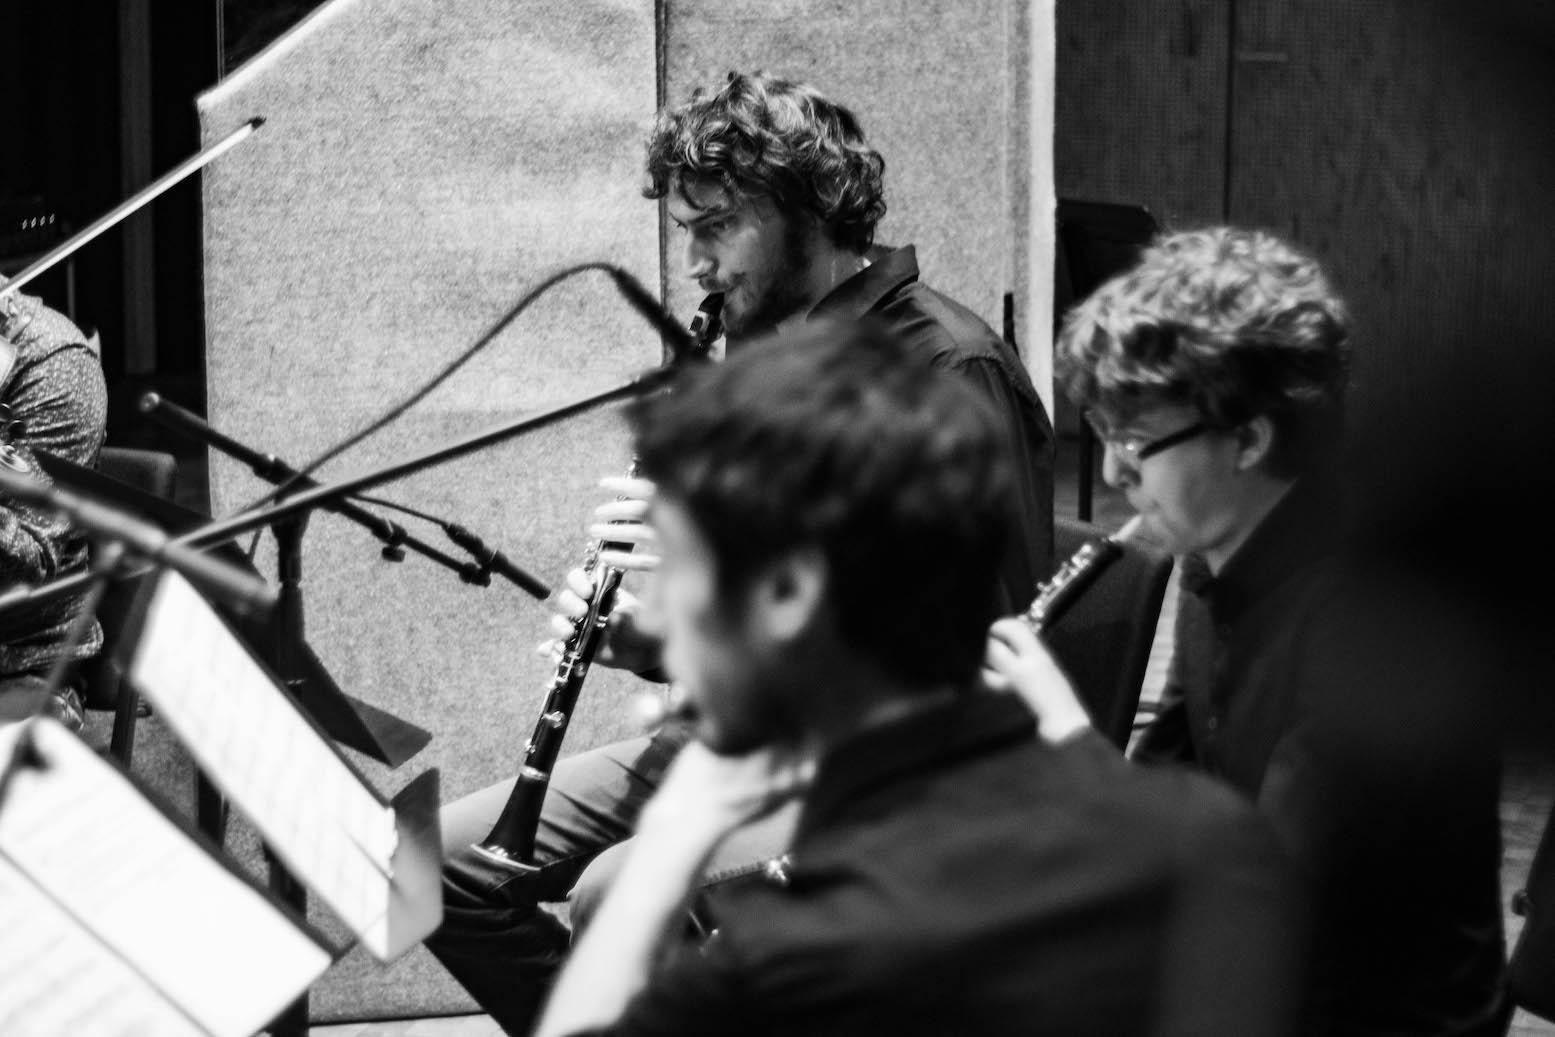 Mátyás-Szandai-Small-Ensemble-BW-Session-04